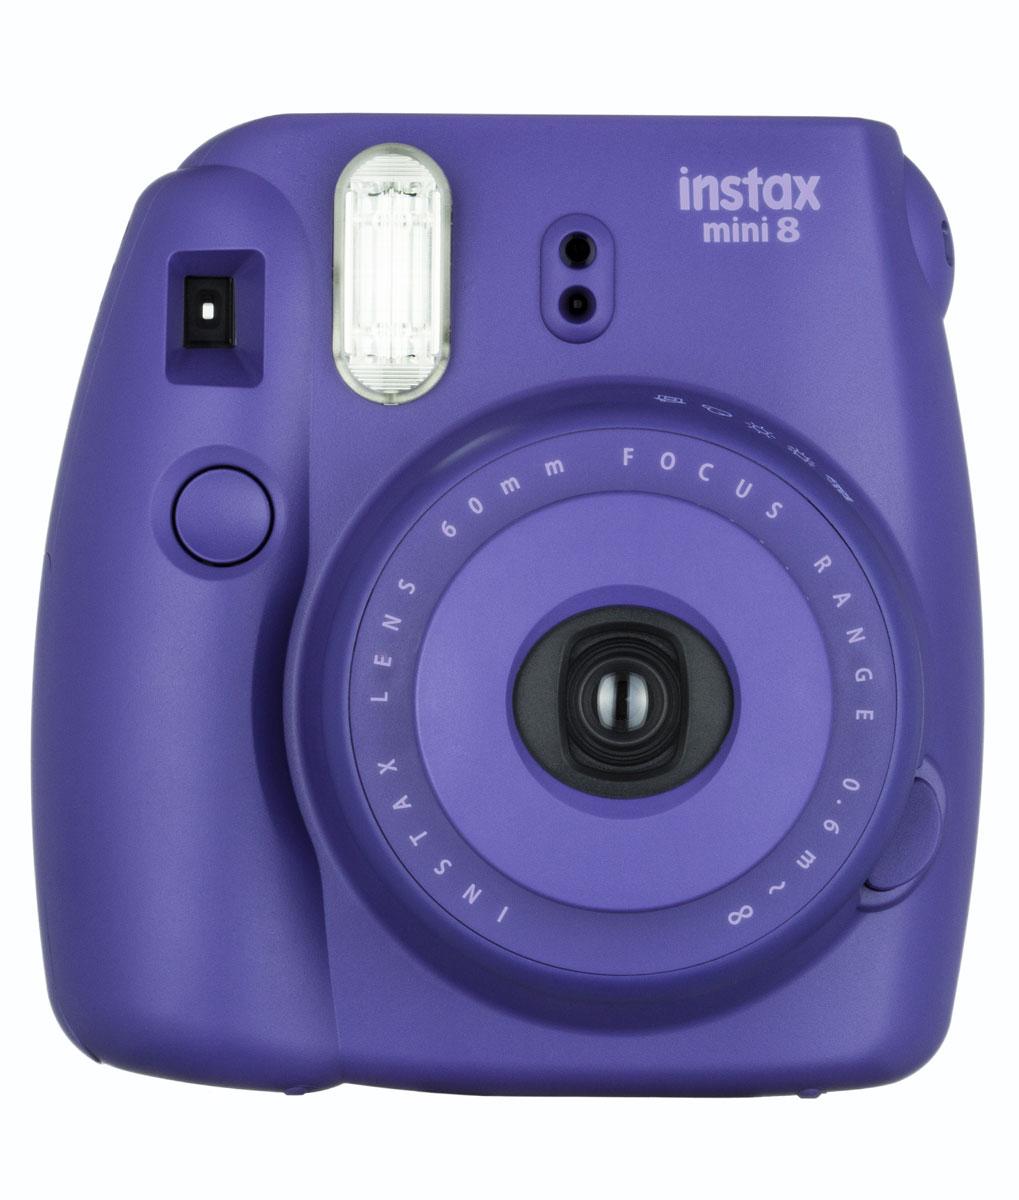 Fujifilm Instax Mini 8, Grape фотокамера мгновенной печатиINSTAX MINI 8Камера с технологией моментальной печати Fujifilm Instax Mini 8 позволяет печатать фотографии размера визитной карточки сразу после съемки.Обладая теми же конструктивными и эксплуатационными характеристиками, что и Instax mini 7S, Instax mini 8 примерно на 10% меньше mini 7S по объему корпуса. Процесс кадрирования стал проще благодаря видоискателю, который передает четкую картинку в реальном времени (даже при съемке под углом) и отличается более наглядной центральной меткой. К функциям съемки добавлен режим High-key - повышение диафрагмы на 2/3 ступени. Чтобы сделать фотографию с яркими и мягкими цветами, которые так полюбились девушкам, достаточно прокрутить диск в режим High-key.С момента своего выхода в свет в 1998 году камера Instax mini стала очень популярной благодаря простому управлению, остроумному дизайну и удивительному качеству снимков. Судя по тому, насколько распространен в наше время обмен цифровыми фотографиями, способов делиться любимыми снимками со временем определенно будет становиться больше. На волне этого тренда люди вновь оценили всю прелесть фотоаппаратов с технологией моментальной печати, ведь они позволяют тут же отдать готовую фотографию, например, другу. Камеры Instax можно использовать в самых различных ситуациях: на свадьбах и на вечеринках, для обычной съемки и для автопортретов. Причина популярности INSTAX среди девочек-подростков и женщин до 20 лет, для которых пленочные фотографии уже в диковинку, - это яркие и мягкие цвета полученных снимков.Камеры Instax mini 8 представлены в пяти цветовых вариантах - самое большое количество цветов в серии Instax. Покупатели могут выбрать не только стандартный белый или черный цвет, но и популярные среди женщин пастельные тона розового, голубого и желтого цвета.Используемая фотопленка: Fujifilm Instax MiniРазмер фотопленки: 86 мм х 54 ммРазмер снимка: 62 мм х 46 ммДиапазон фокусировки: от 0.6 м до бесконечностиУправление экспоз